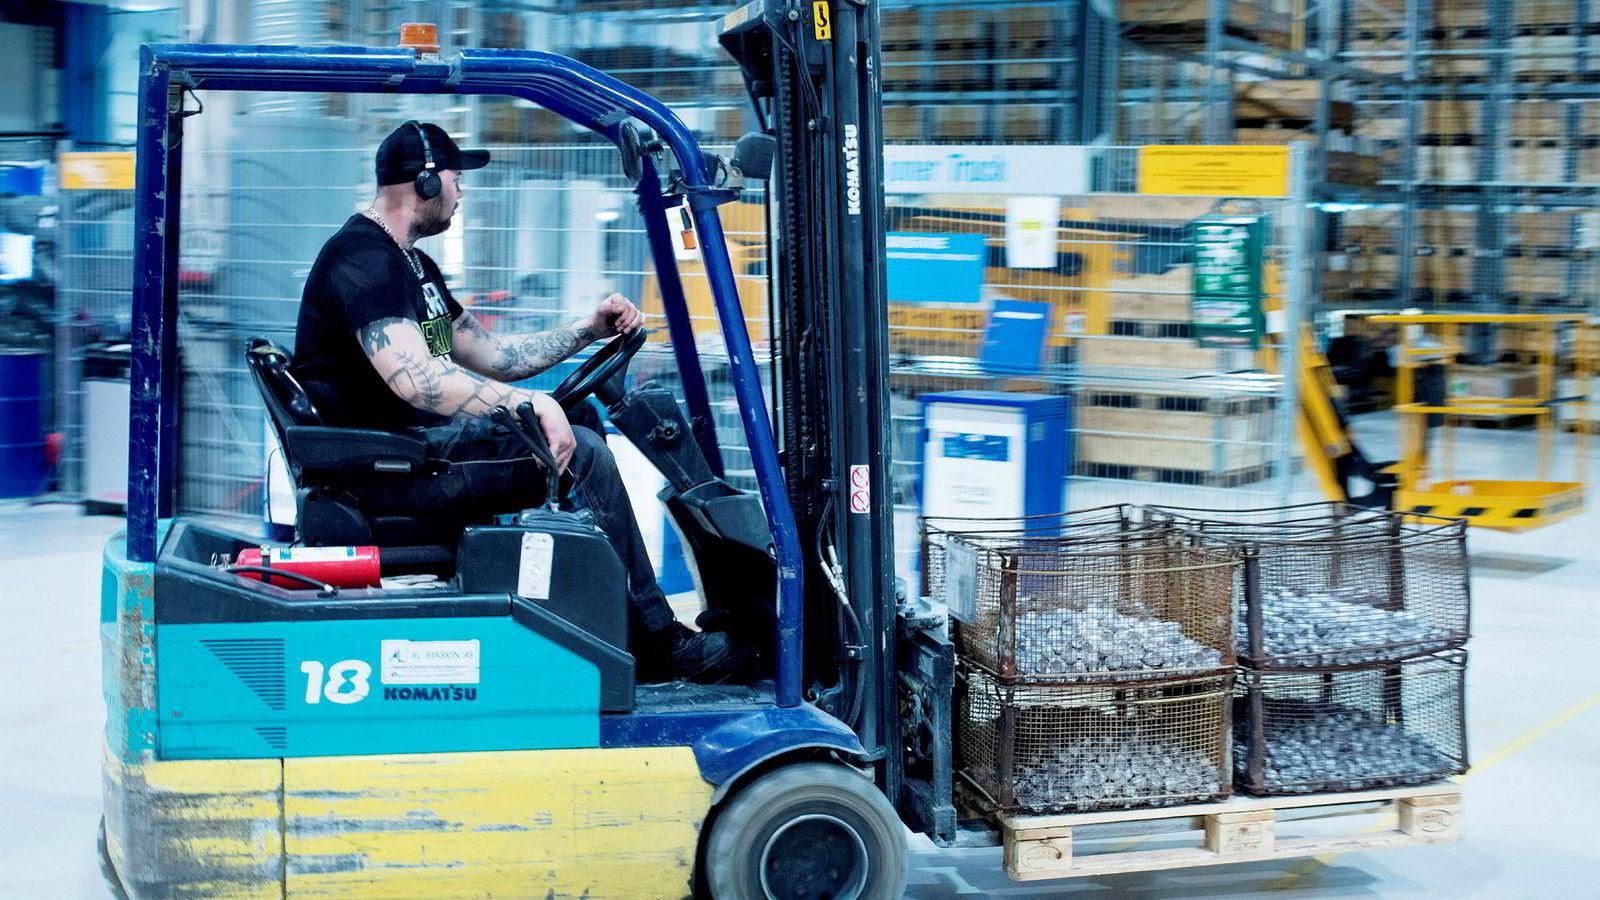 Bildelprodusenten Steertec på Raufoss selger ikke mer til England grunnet frykten for brexit, men økte produksjonen i fjor. – Antall produserte bildeler økte fra åtte millioner enheter i 2017 til 10 millioner i fjor, sier prosess-sjef Inge Opheim i Steertec Raufoss.